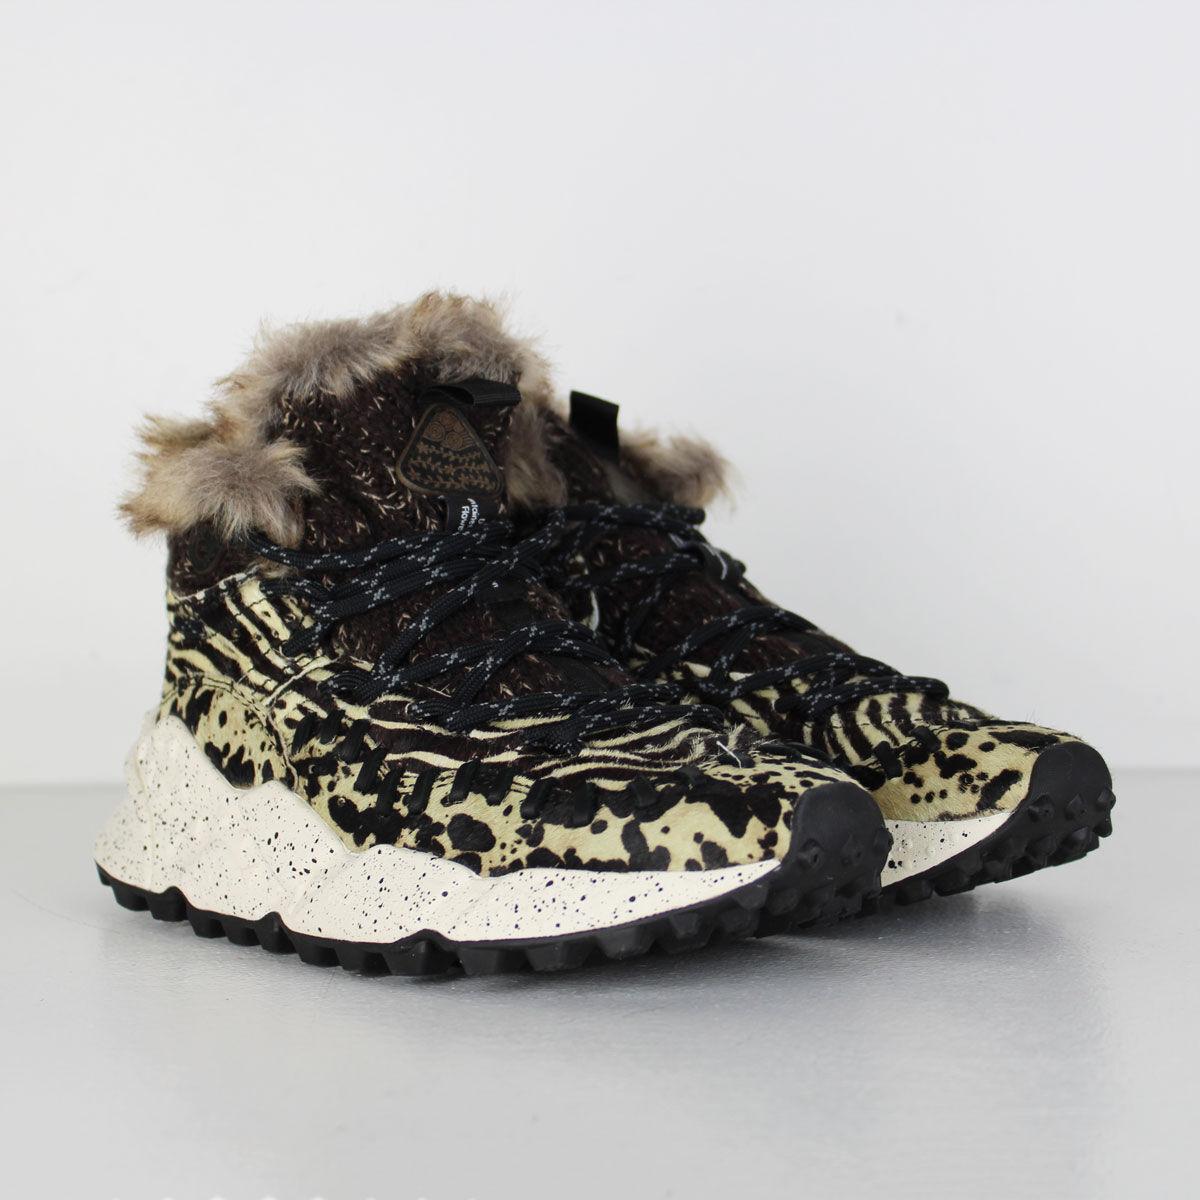 huge discount 6688a 33ece Flower Mountain - Zebra High Sneaker